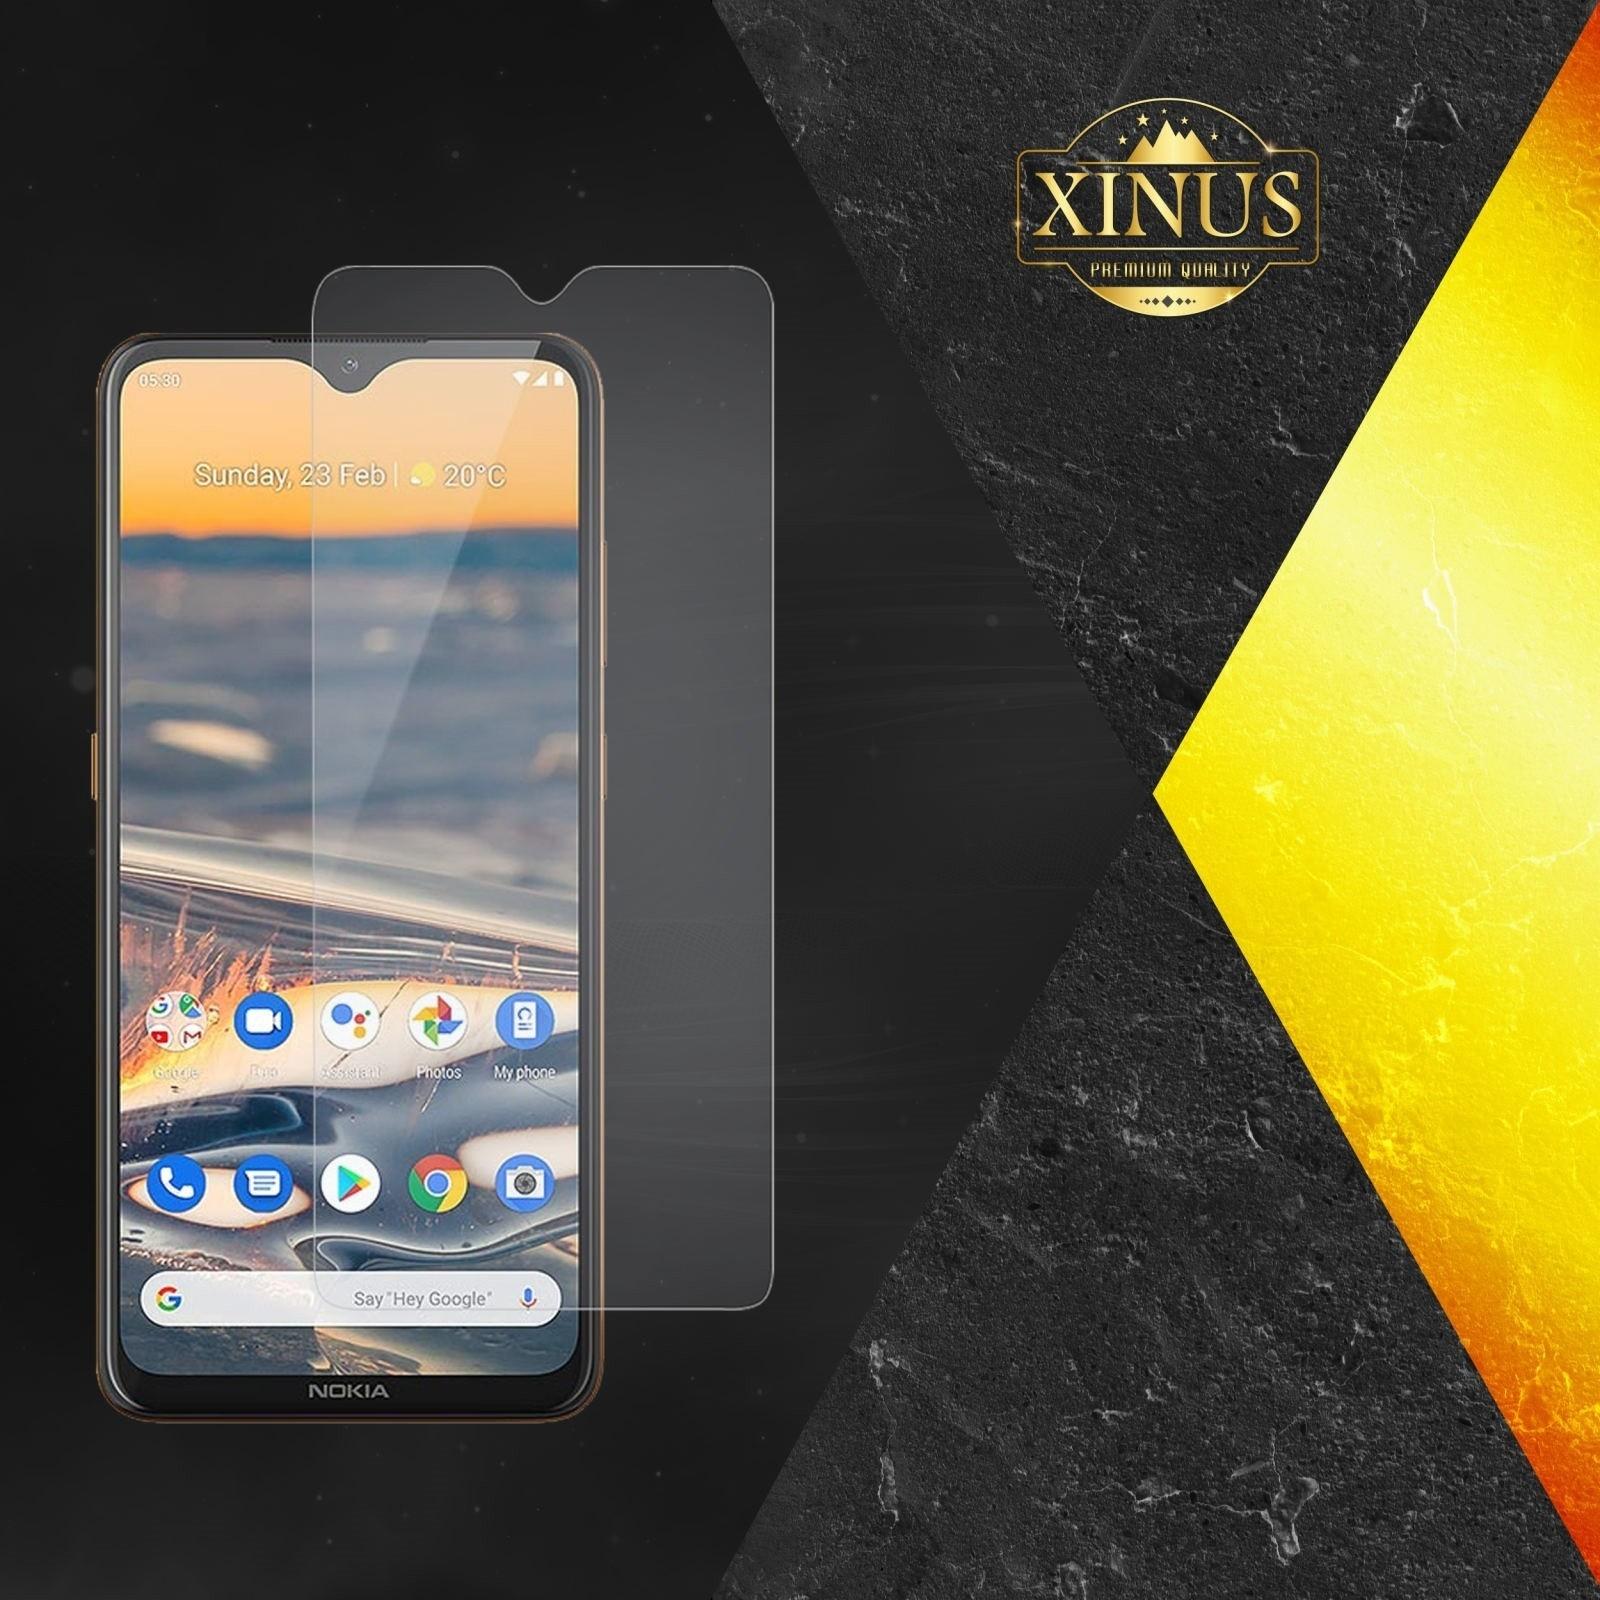 محافظ صفحه نمایش ژینوس مدل SPX مناسب برای گوشی موبایل هوآوی Y5 lite 2018